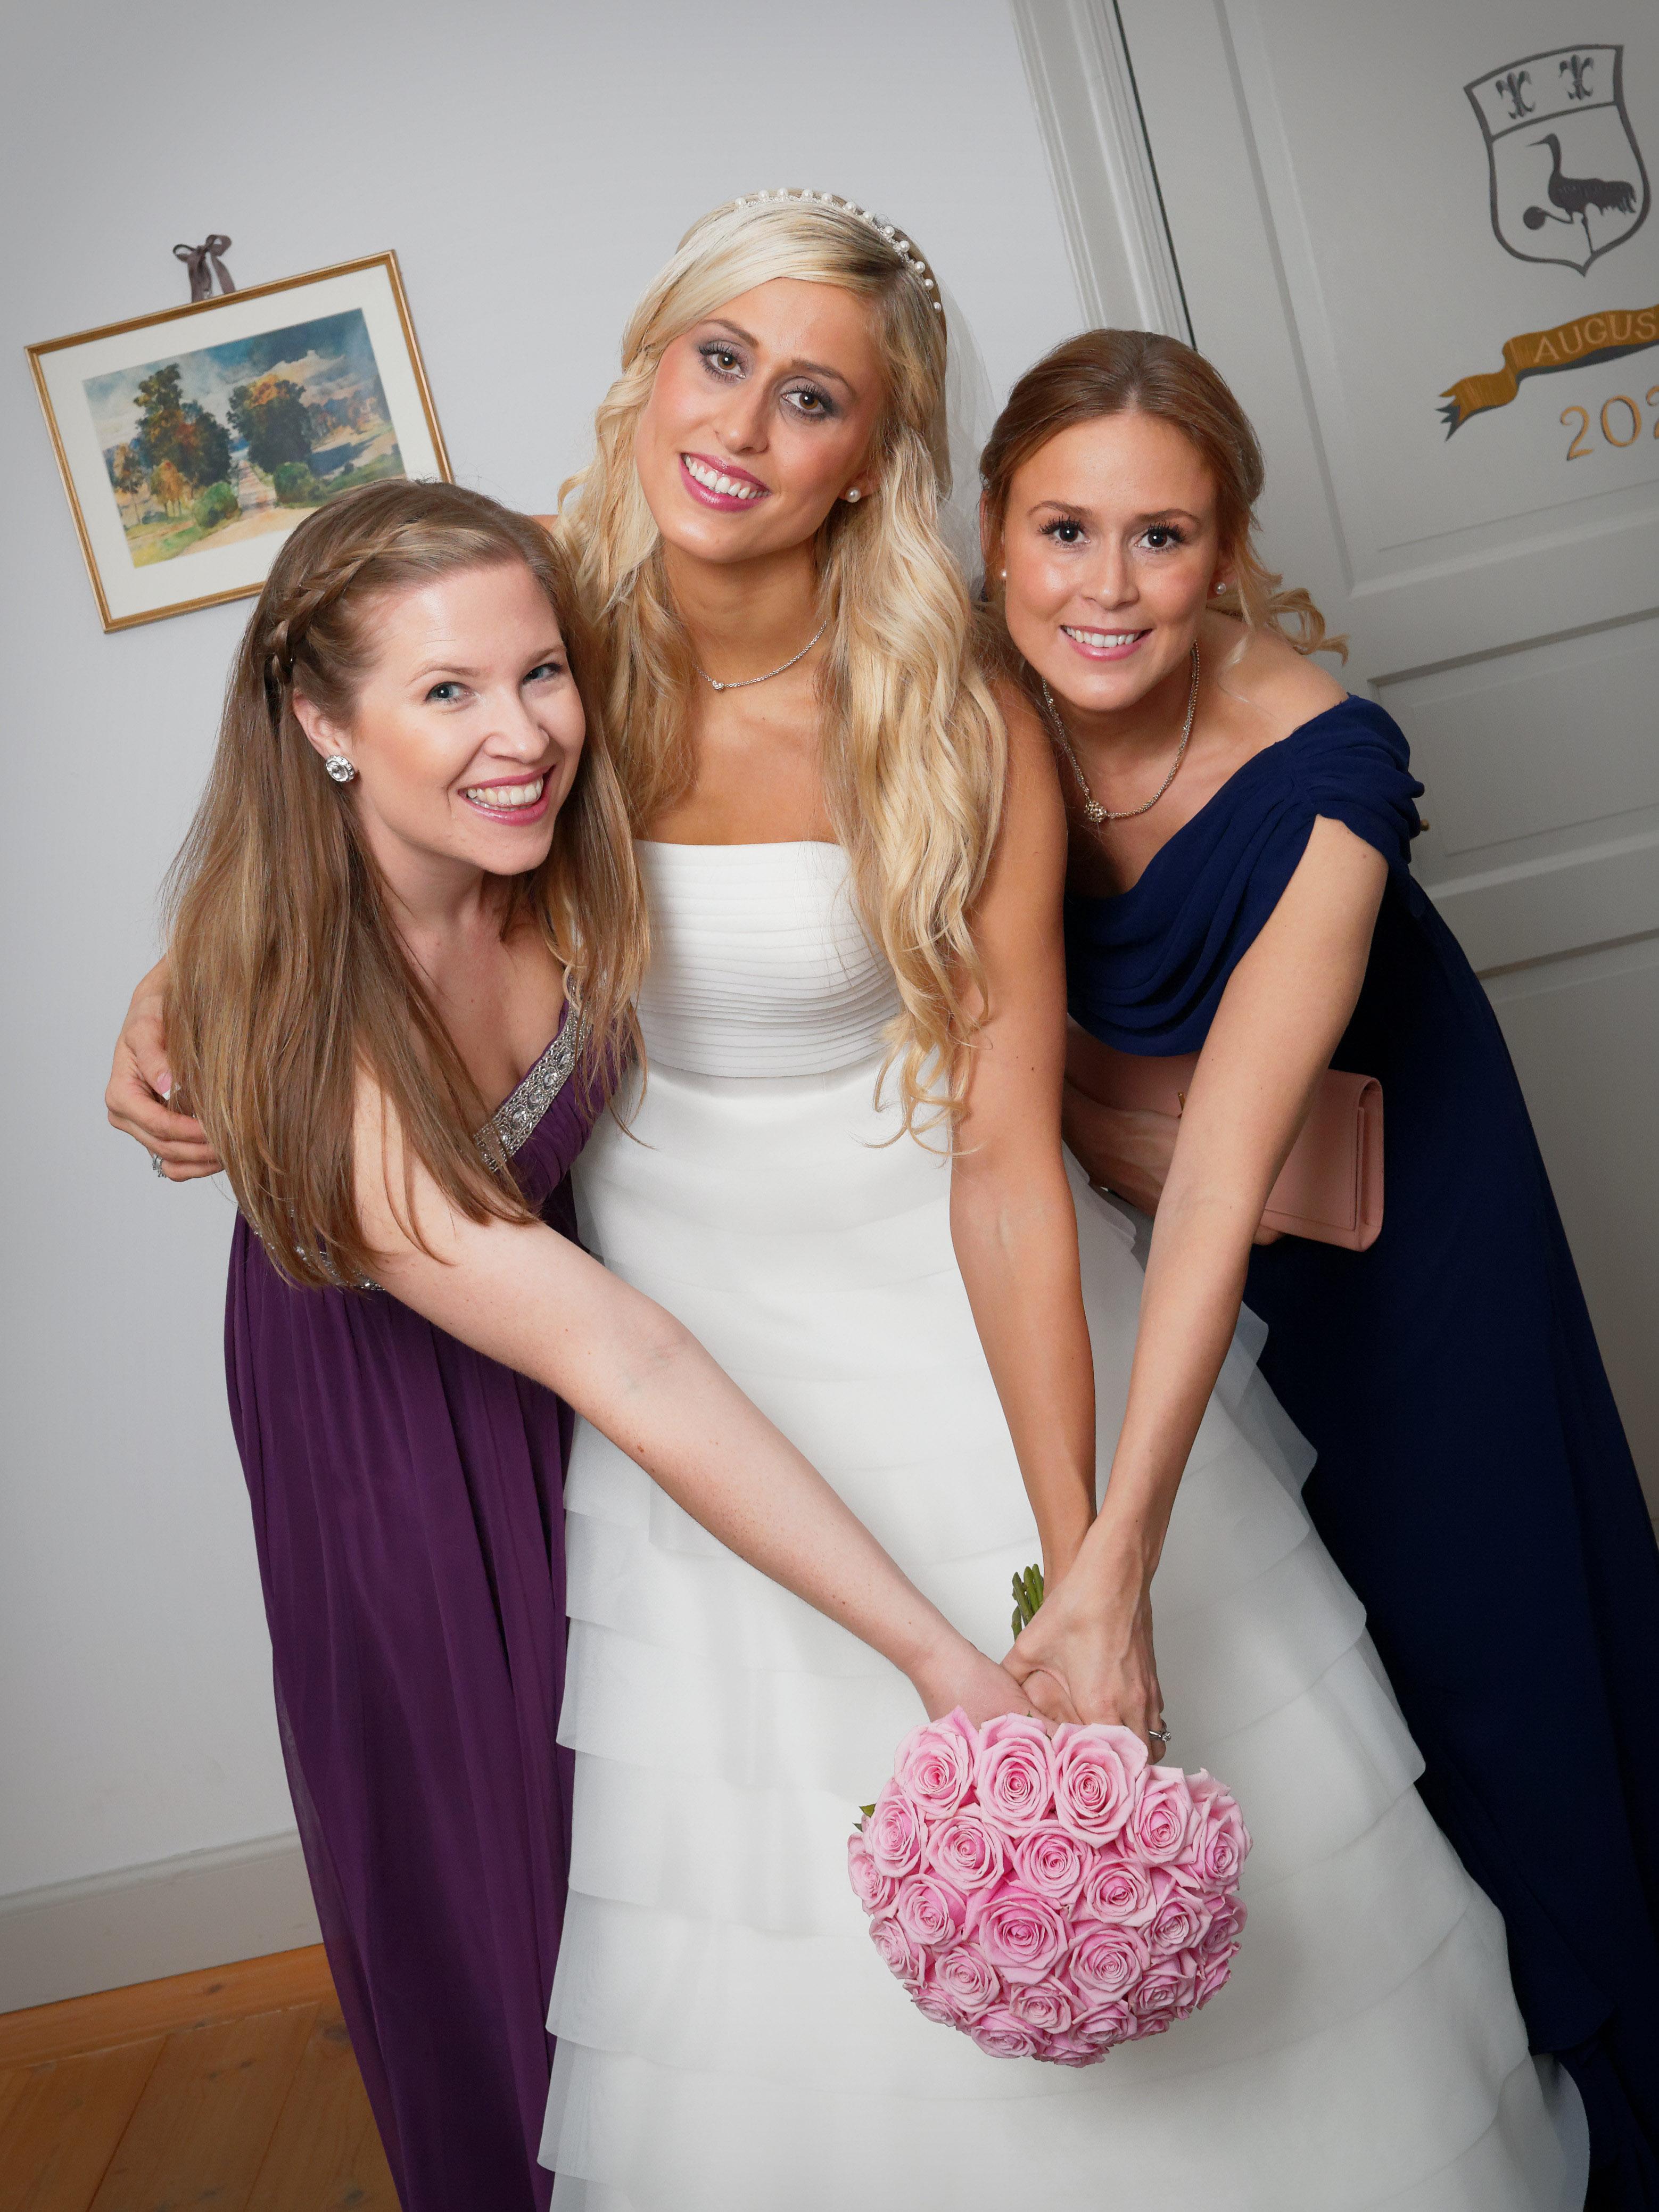 Bröllop - gruppfoto 4